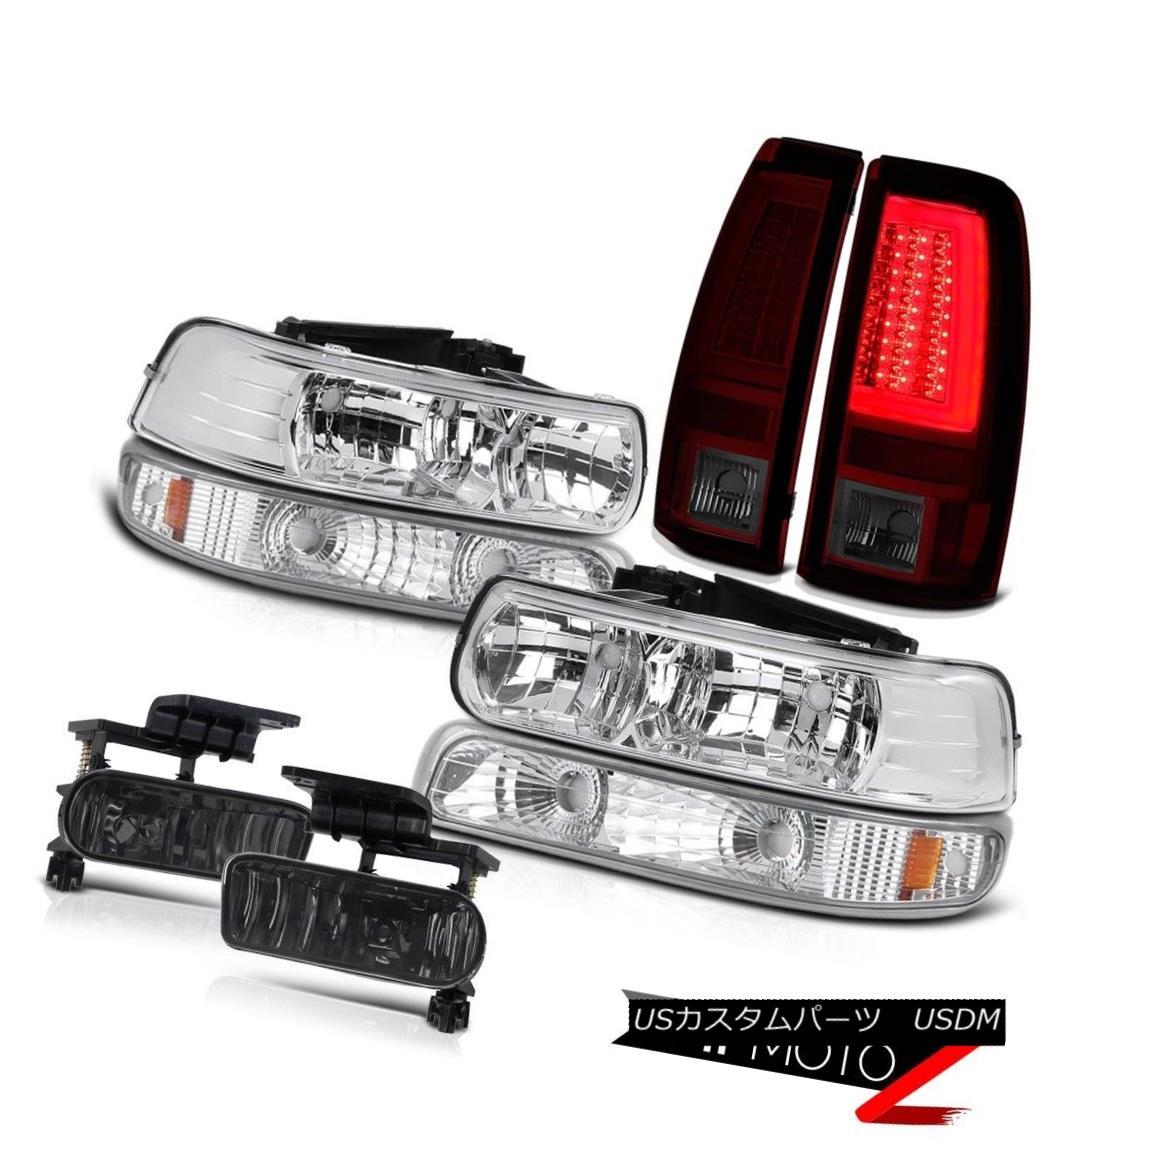 ヘッドライト 99-02 Chevy Silverado Taillamps Chrome Signal Lamp Headlamps Foglights Assembly 99-02 Chevy Silverado Taillampsクロームシグナルランプヘッドランプフォグライトアセンブリ